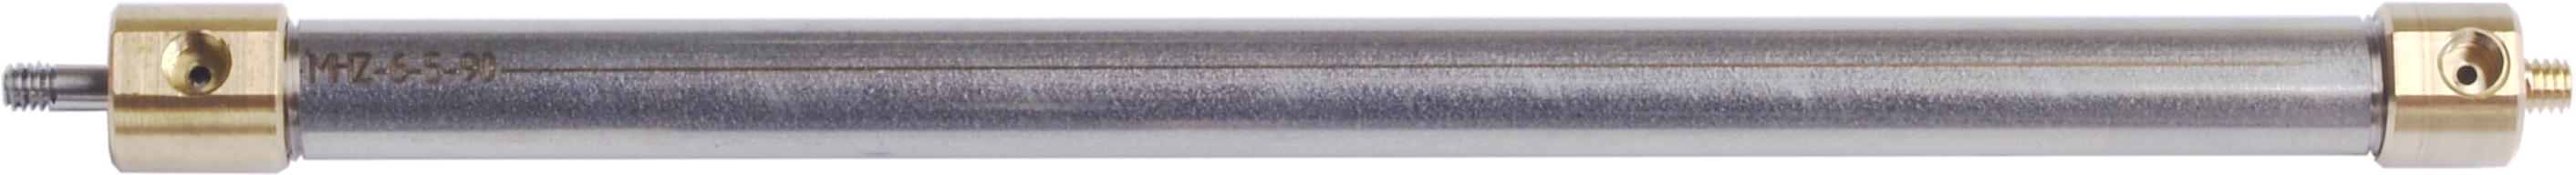 Hydraulikzylinder 100 mm Hub